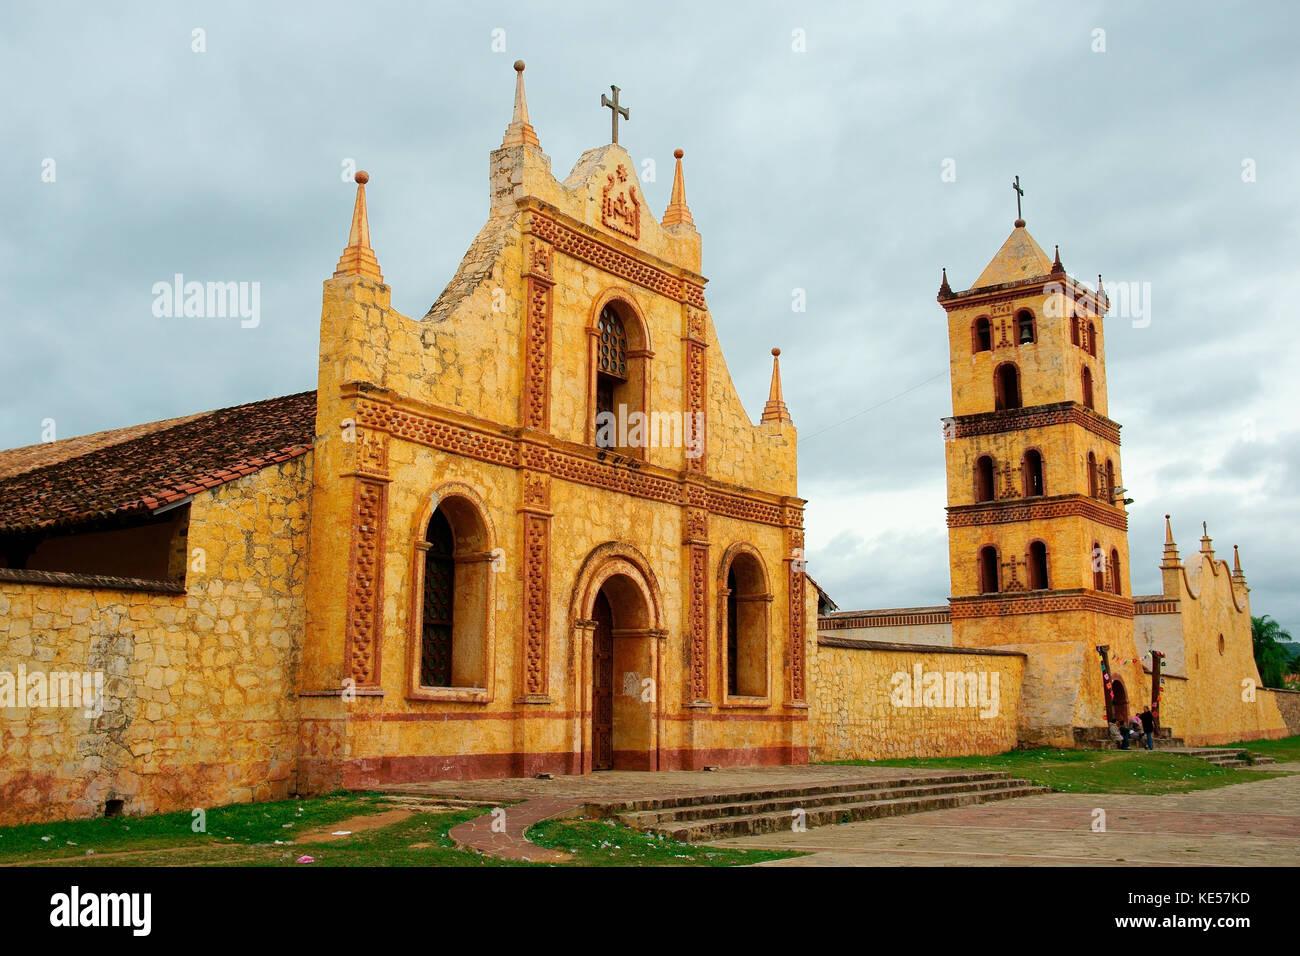 Jesuit mission, Jesuit reduction, San José de Chiquitos, Santa Cruz, Bolivia - Stock Image